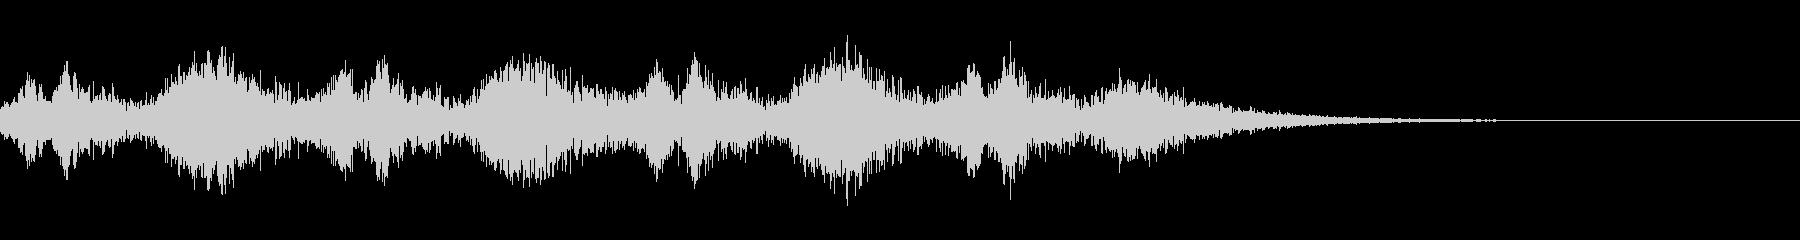 耳鳴り、気配、テレパシーA07の未再生の波形